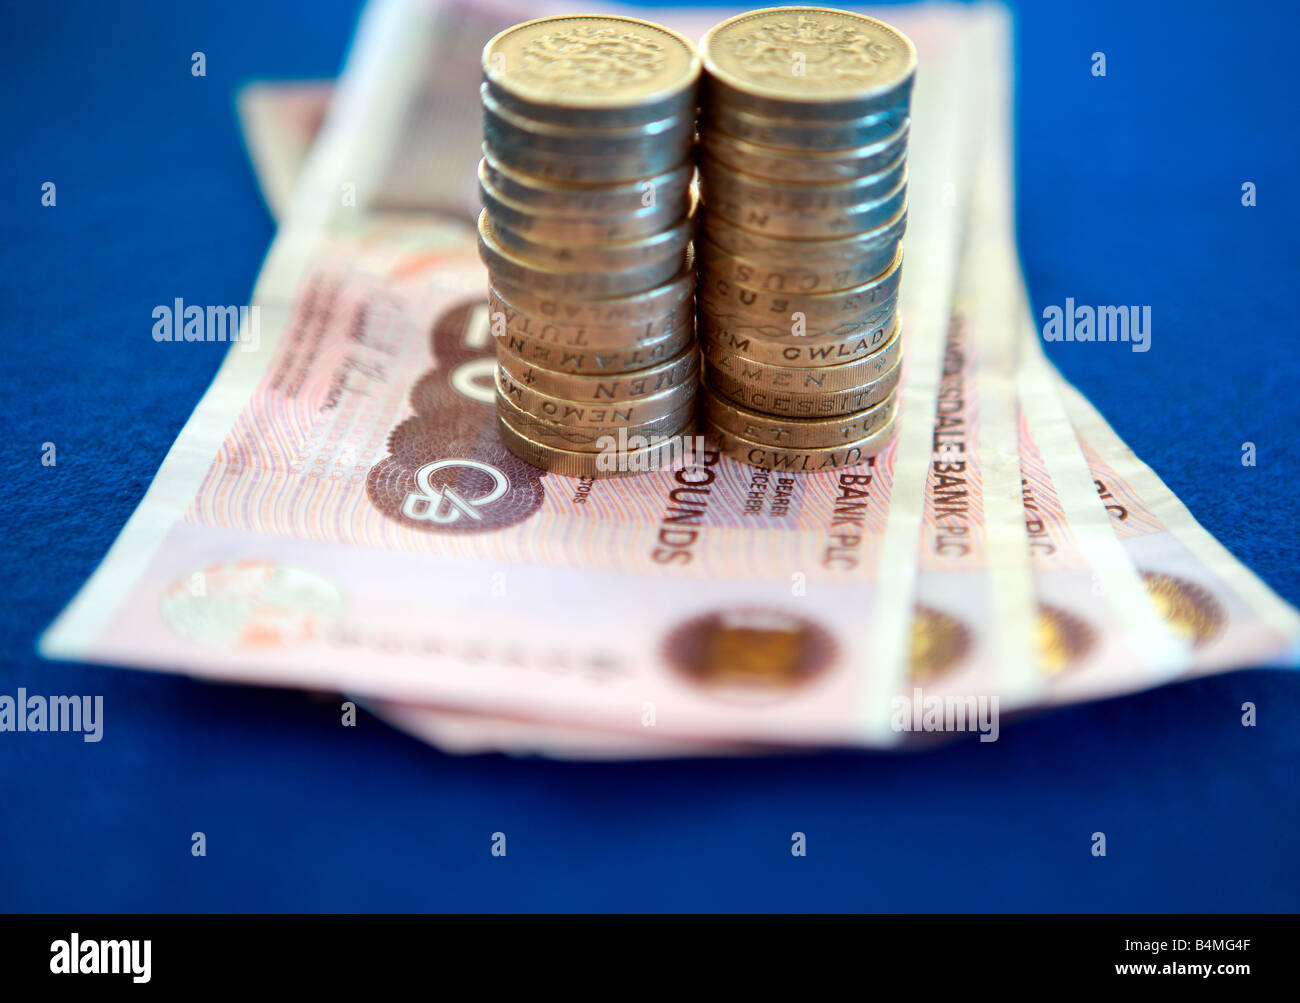 Pound coins on £20 pound notes - Stock Image